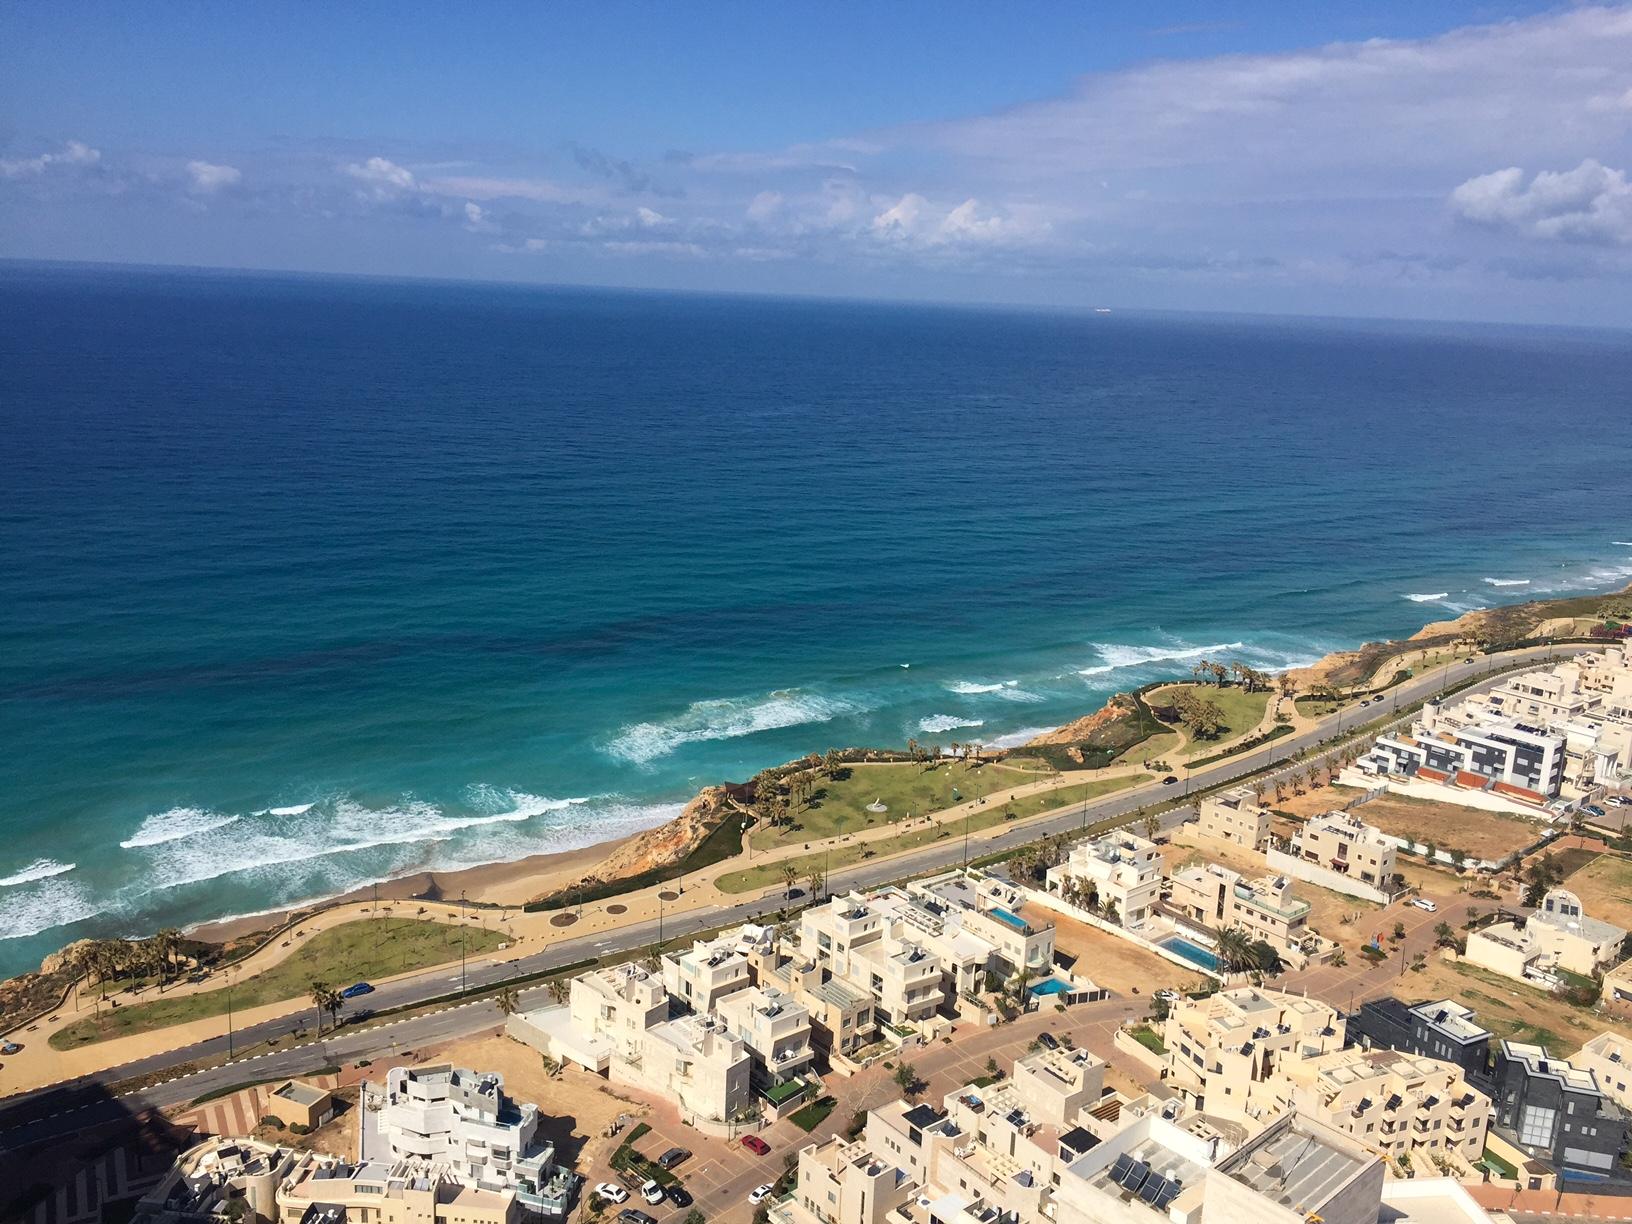 Израиль - спрос на недвижимость и турпоток существенно выросли